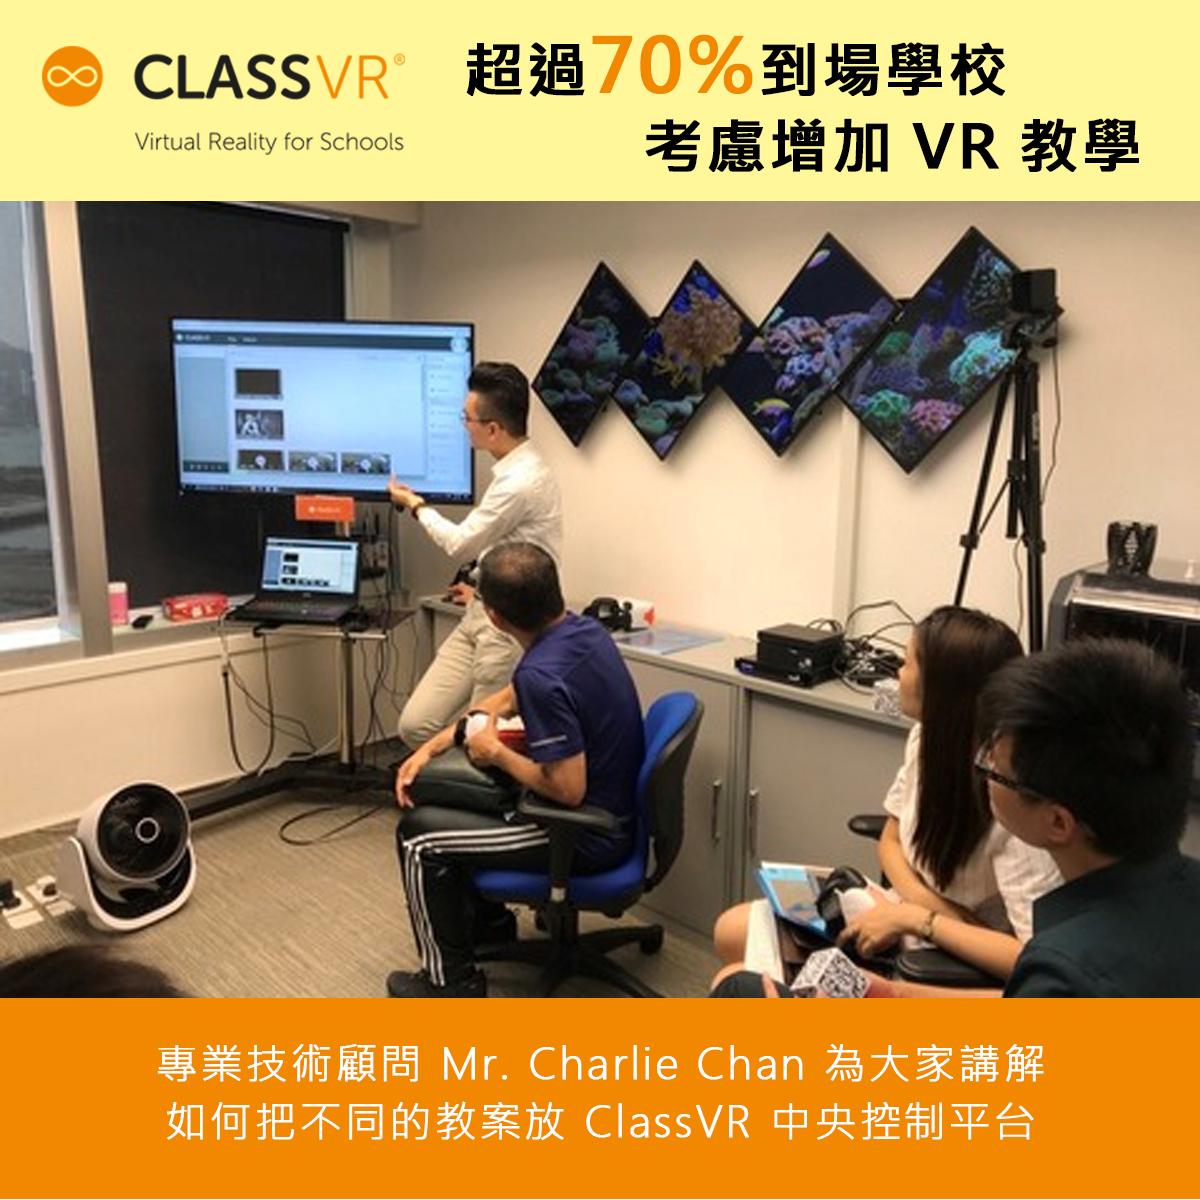 專業技術顧問Mr. Charlie Chan 為大家講解如何把不同的教案放ClassVR中央控制平台